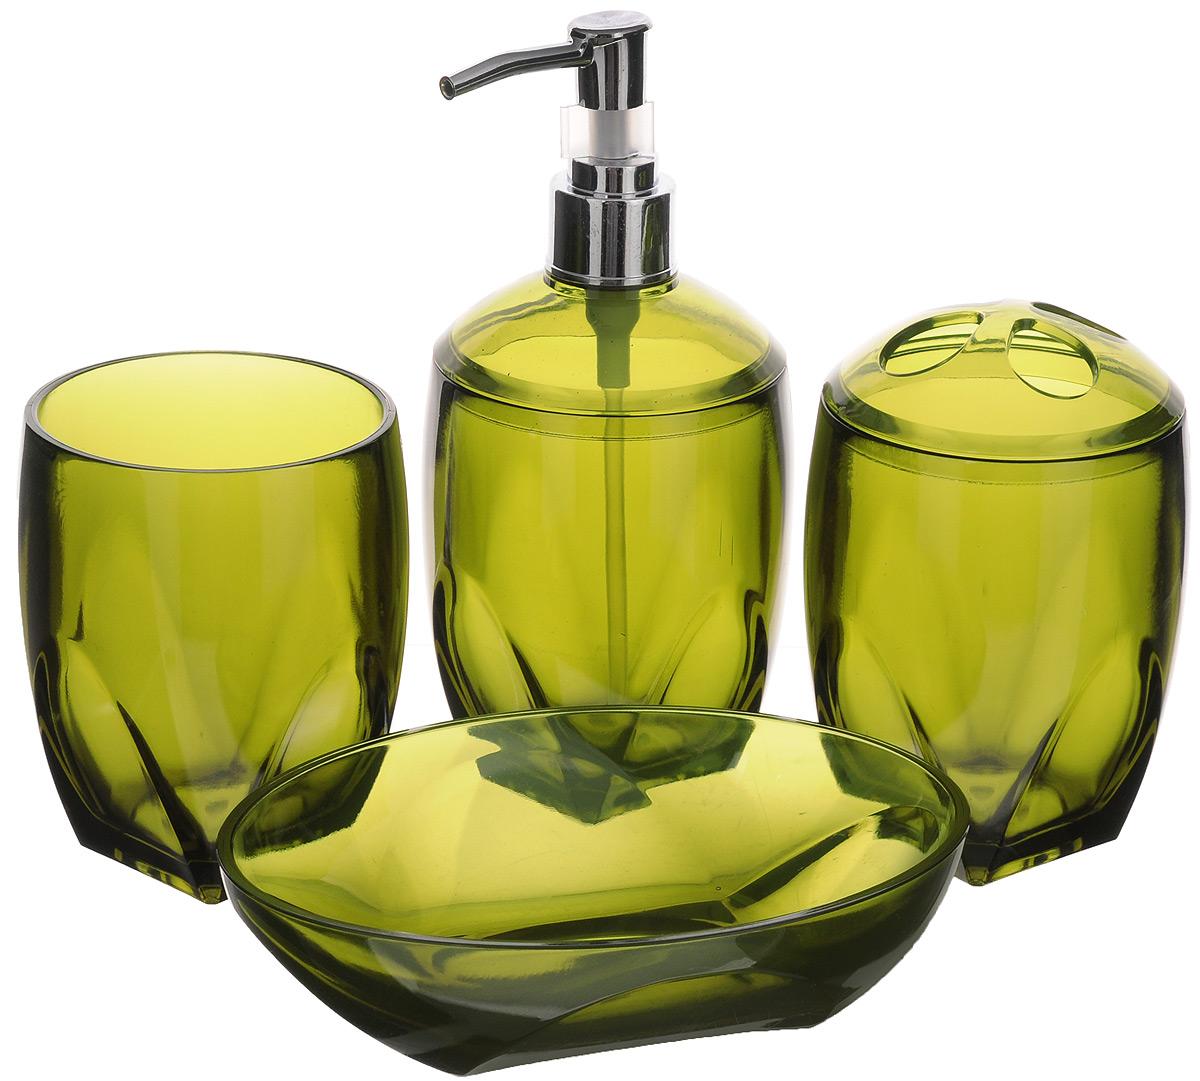 Набор для ванной комнаты Aqva Line Олива, 4 предмета1300059Набор для ванной комнаты Aqua Line Олива включает стакан,подставку для зубных щеток, мыльницу и диспенсер для жидкогомыла с металлическим дозатором. Набор выполнен из прочного цветного пластика высокого качества. Все элементы выдержаны в одном стиле, что позволяет создать вванной комнате стильный и оригинальный функционально-декоративный ансамбль. Такой набор аксессуаров придаст интерьерувашей ванной комнаты элегантность и современность. Размер мыльницы: 15 х 11 х 4 см. Размер стакана/подставки: 7,5 х 7,5 х 10 см. Размеры диспенсера: 7,5 х 7,5 х 17 см.